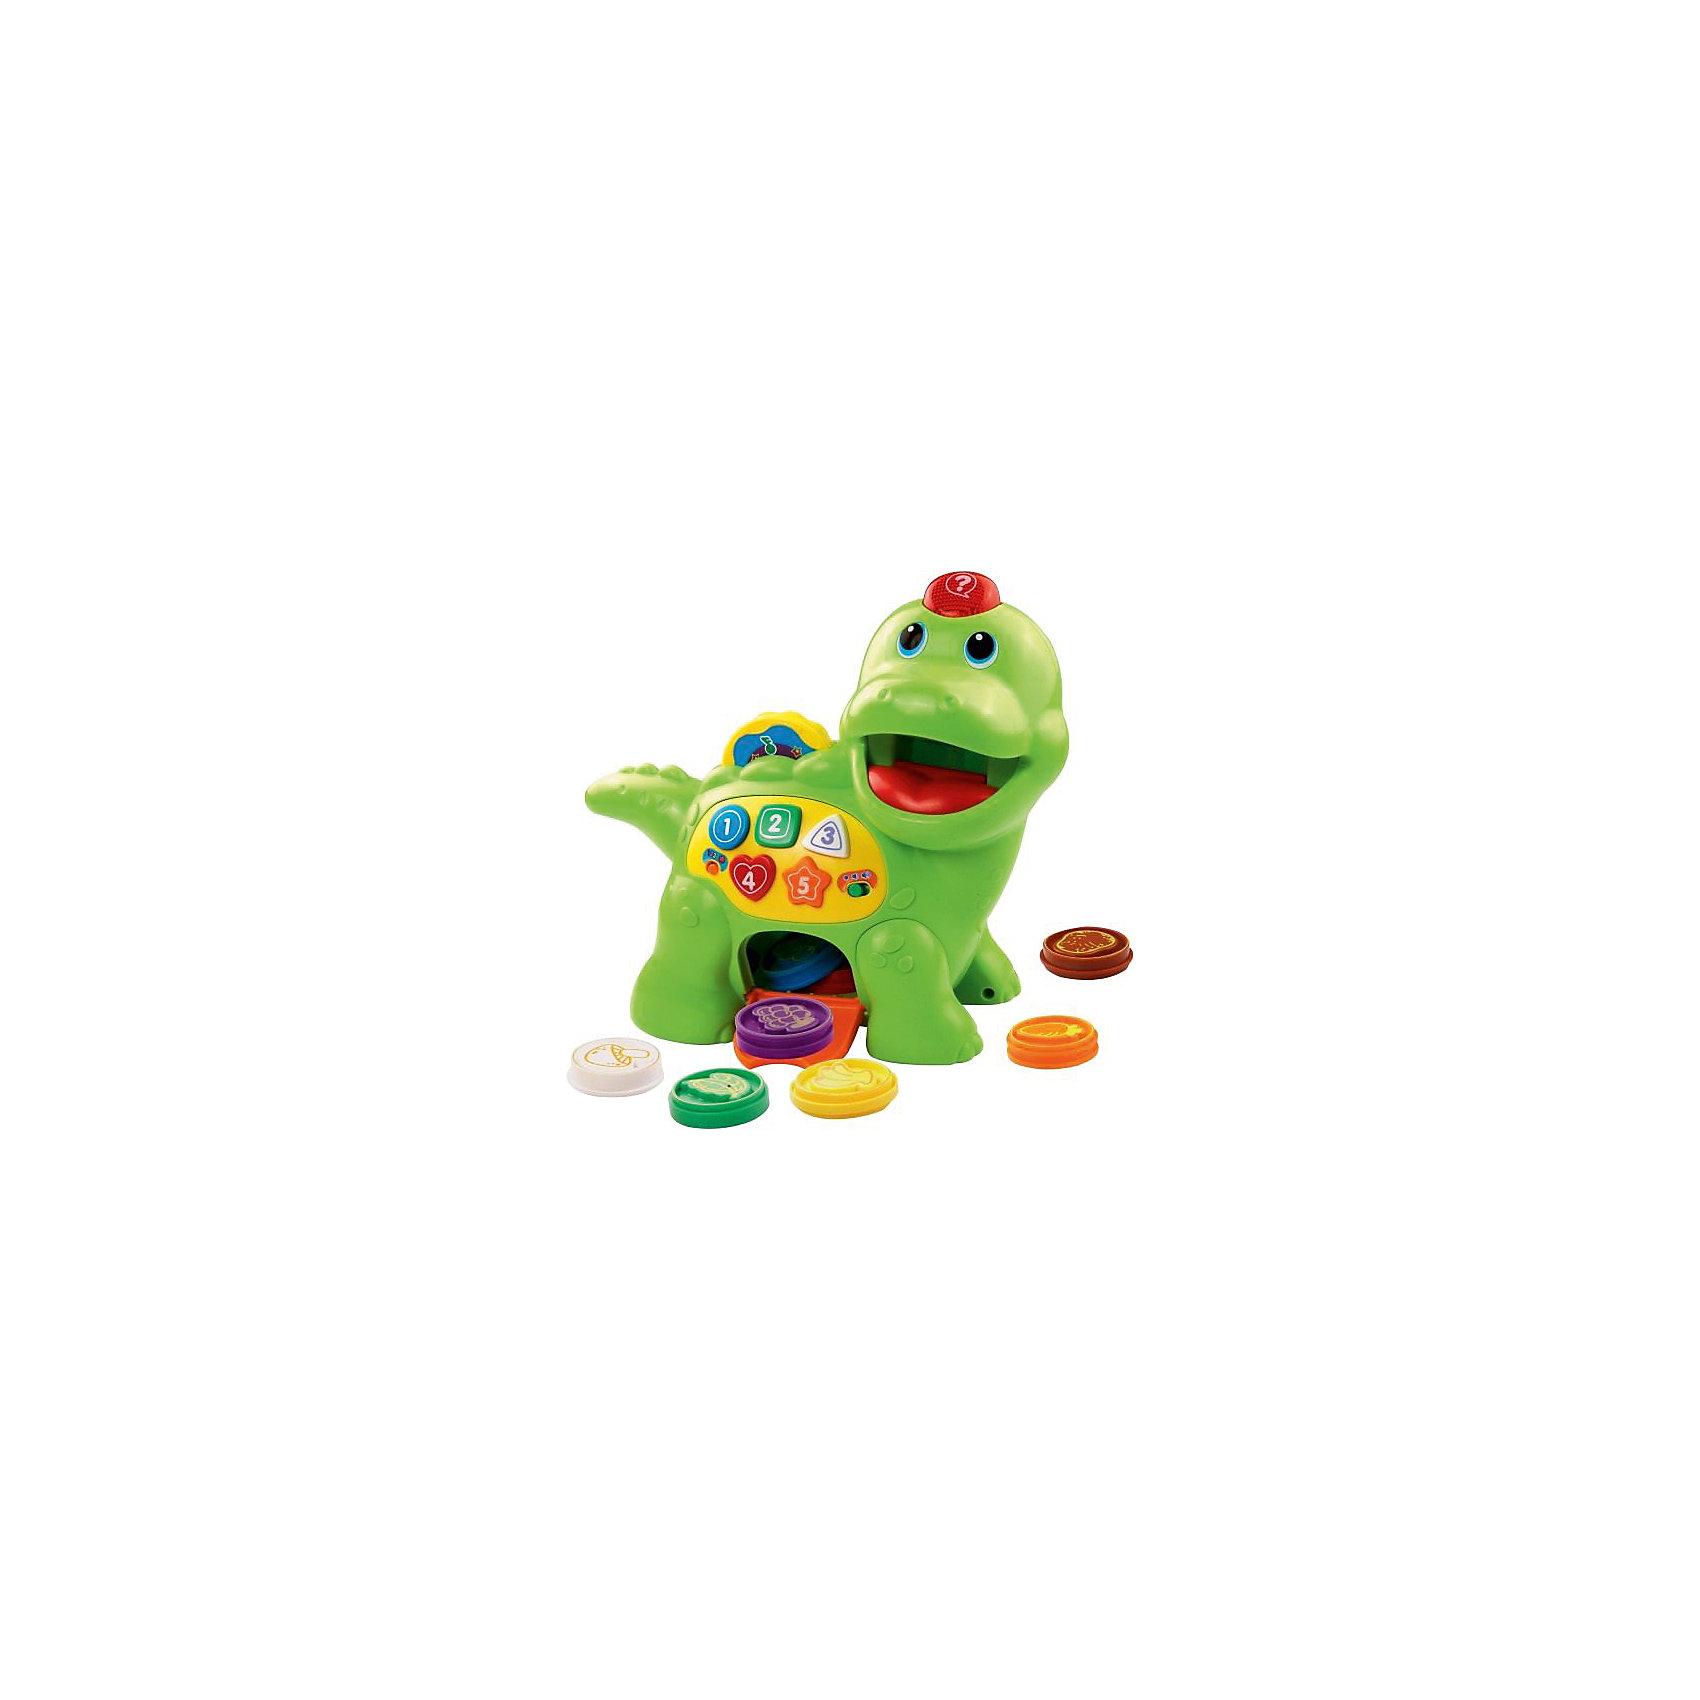 Динозаврик Покорми меня, VtechИнтерактивные игрушки для девочек<br>Характеристики:<br><br>• Материал: пластик <br>• Комплектация: динозаврик, 8 фишек<br>• Количество мелодий и звуков: &gt; 130<br>• Игрушка выполняет различные движения<br>• 2 режима игры<br>• Световые эффекты<br>• Батарейки: 2 шт. типа АА (предусмотрены в комплекте)<br>• Размер динозаврика (длина): 29 см<br>• Размер упаковки (Д*Ш*В): 30*14*25 см<br>• Вес: 1 кг 060 г<br>• Подарочная упаковка<br>• Особенности ухода: допускается сухая и влажная чистка<br><br>Динозаврик Покорми меня, Vtech – это многофункциональная интерактивная игрушка от французского производителя, который является мировым лидером по выпуску электронных обучающих устройств и игрушек. Игрушка выполнена в виде динозаврика, которого можно кормить. На боку у него имеется крышечка, через которую можно достать фишки. Во время кормления динозаврик рассказывает о том продукте, который был изображен на проглоченной фишке. На спинке у него предусмотрены кнопочки, которые запускают разные режимы игры. В памяти устройства записаны более ста тридцати стишков, песенок и звуков. <br><br>ДинозаврикаПокорми меня, Vtech можно купить в нашем интернет-магазине.<br><br>Ширина мм: 300<br>Глубина мм: 279<br>Высота мм: 133<br>Вес г: 1550<br>Возраст от месяцев: 12<br>Возраст до месяцев: 48<br>Пол: Унисекс<br>Возраст: Детский<br>SKU: 5471073